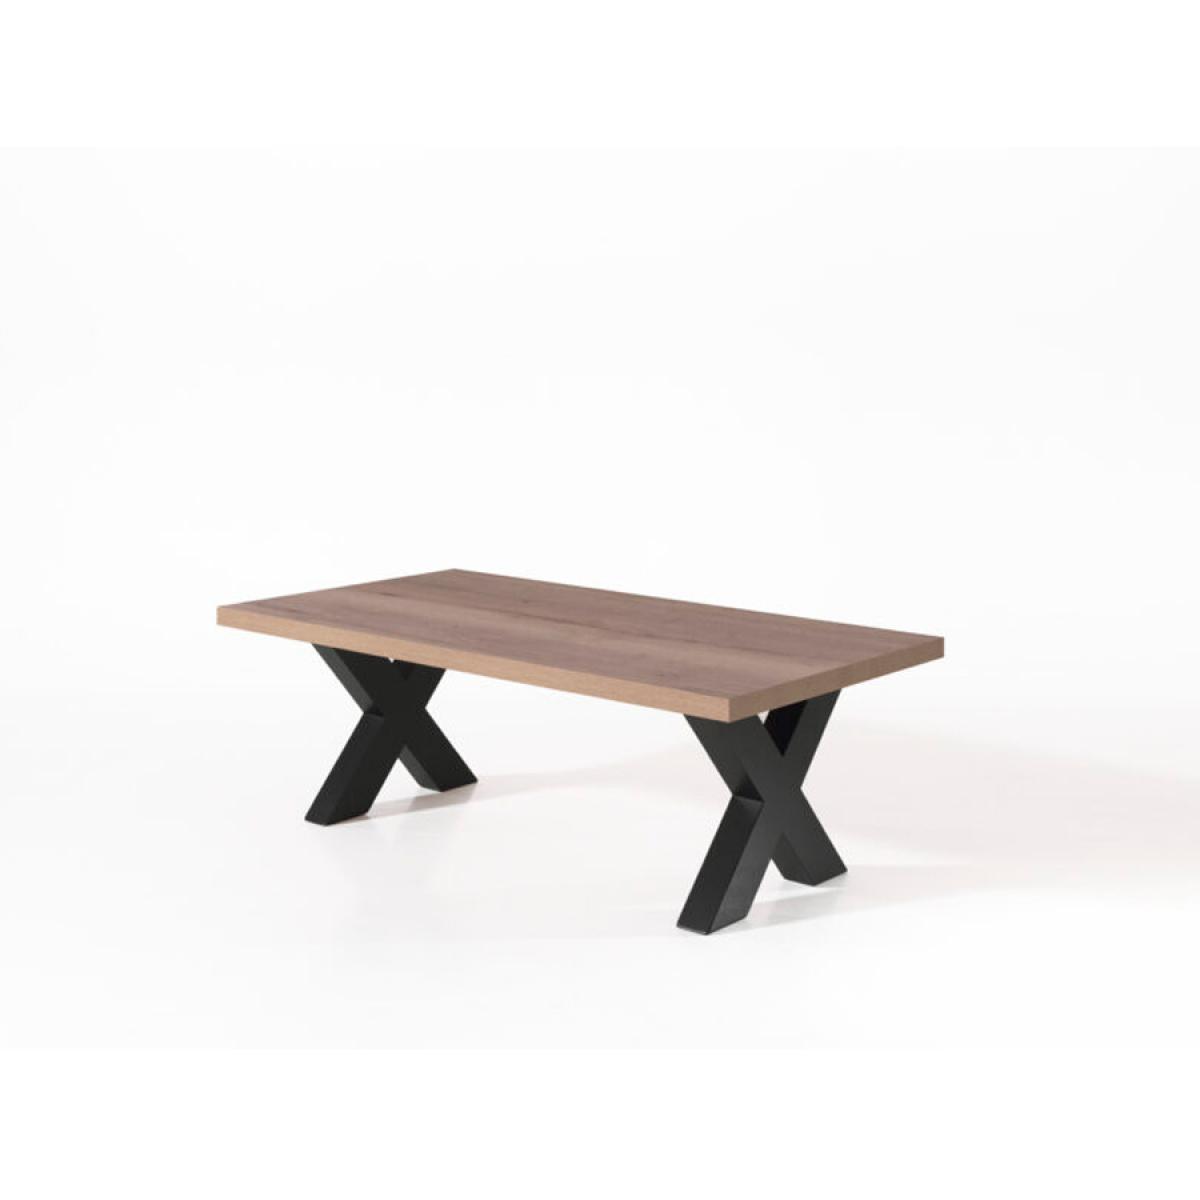 Nouvomeuble Table basse 130 cm couleur chêne foncé NEWCASTLE